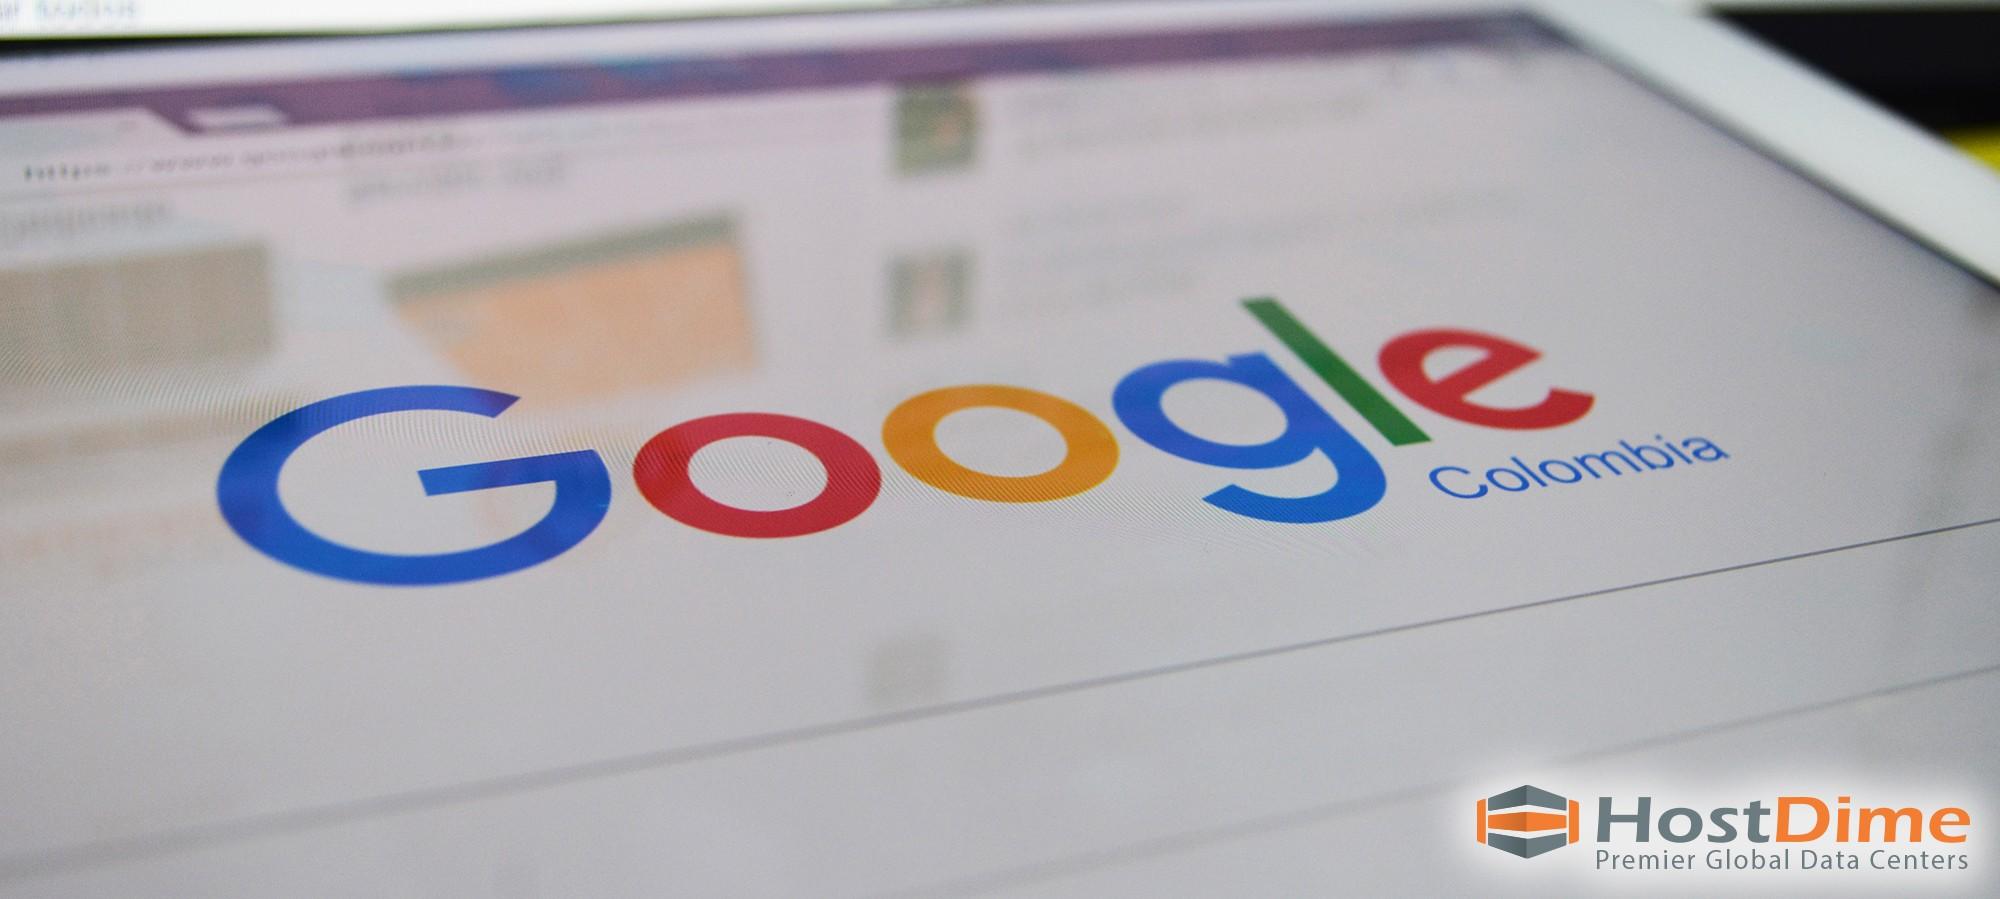 10 Trucos para encontrar todo lo que necesitas en Google